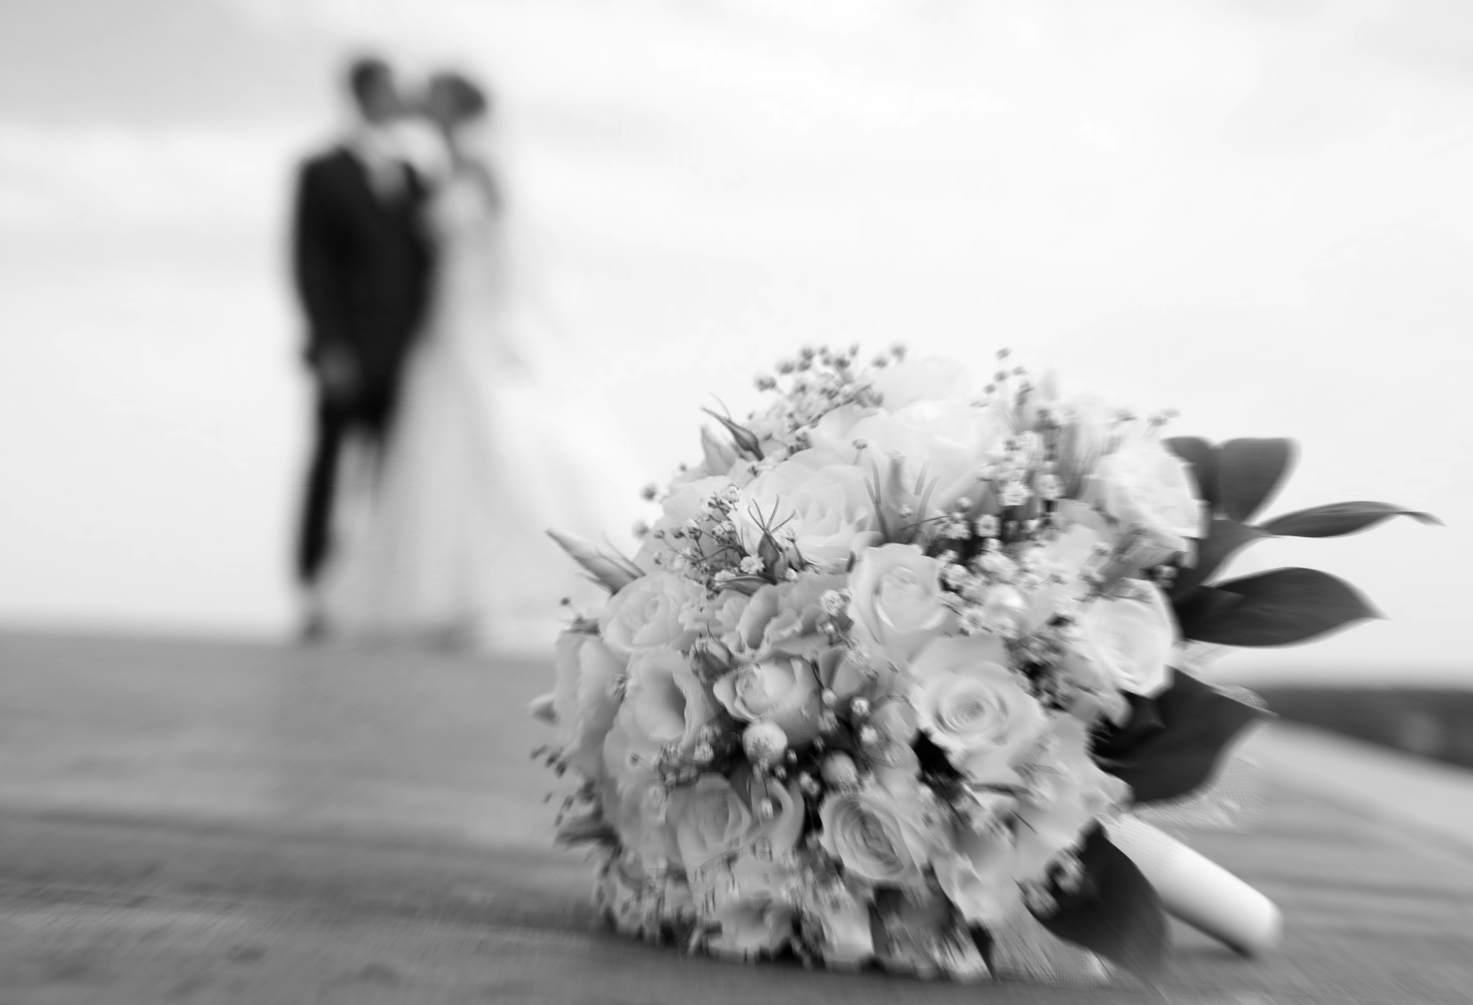 Matrimonio, nozze - Interpretazione dei sogni - Romoletto Blog